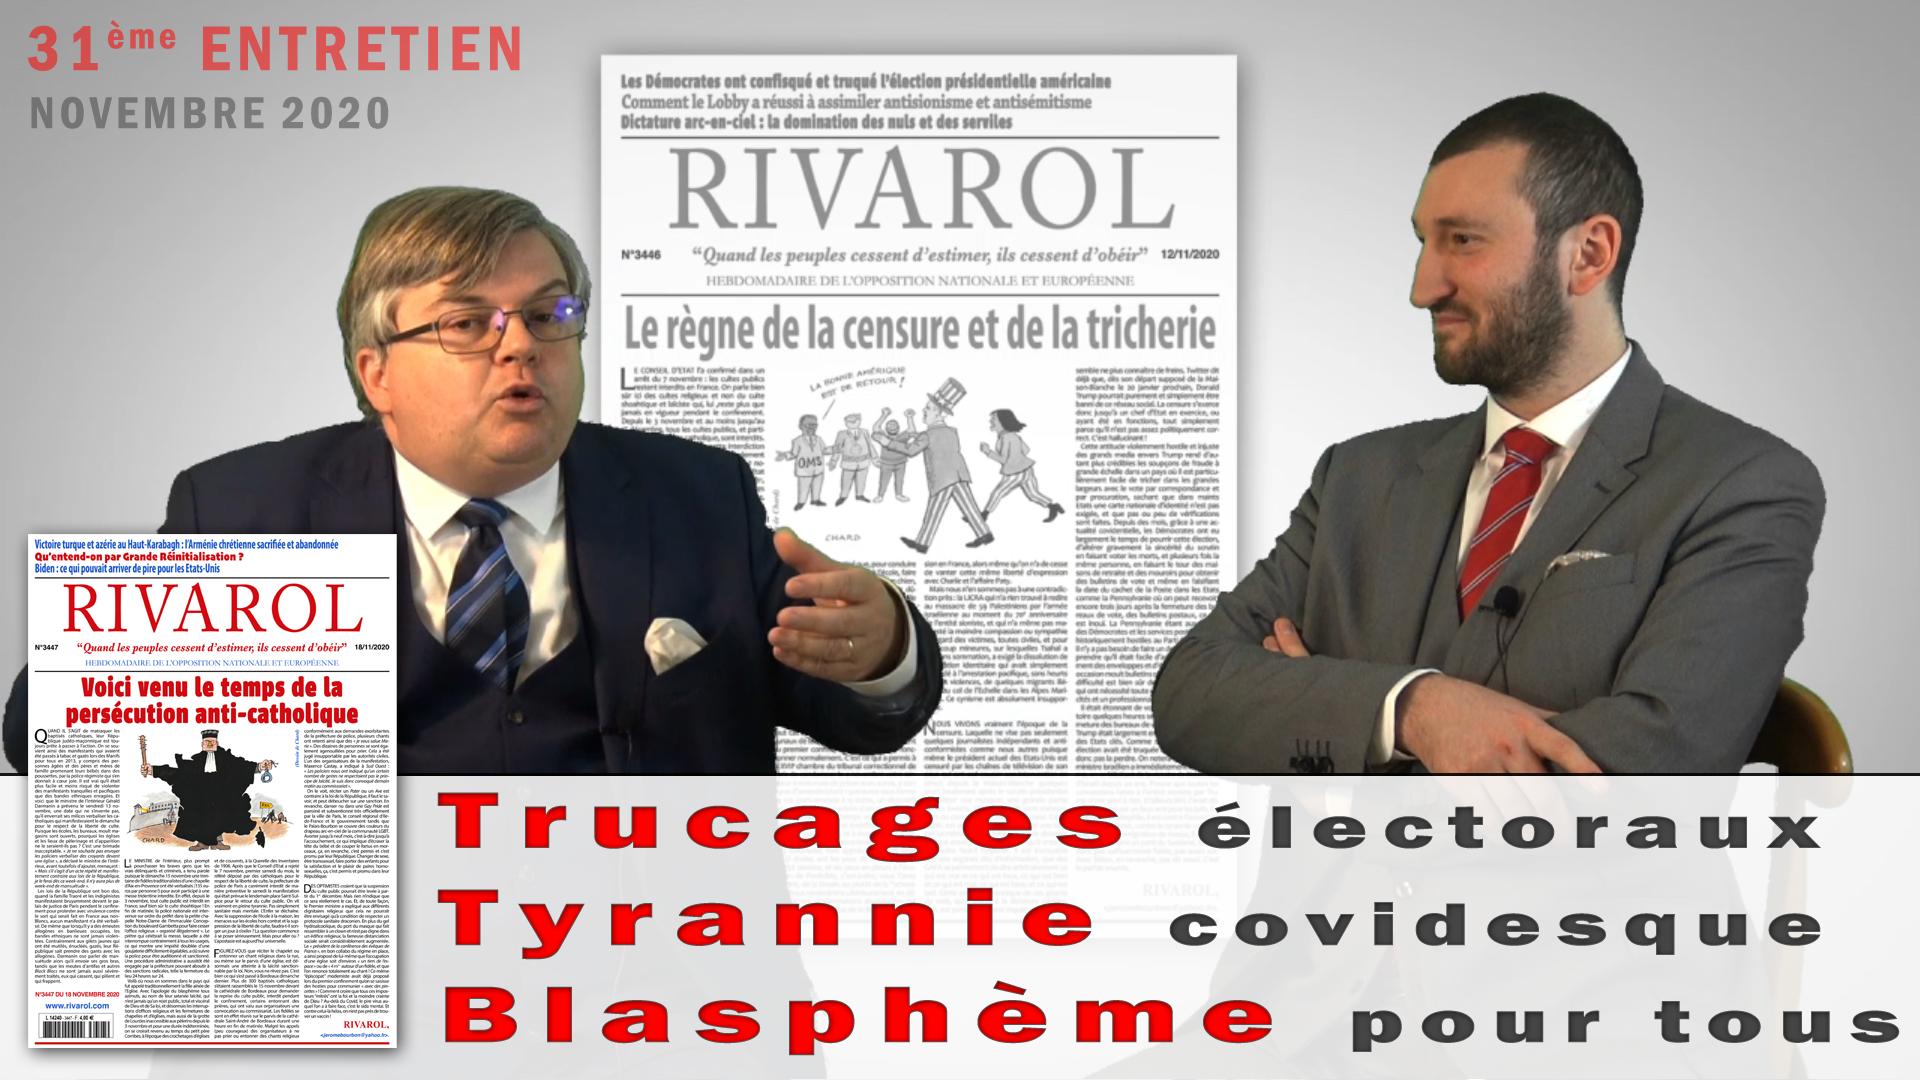 « Trucages électoraux, tyrannie covidesque, blasphème pour tous », entretien rivarolien de novembre 2020